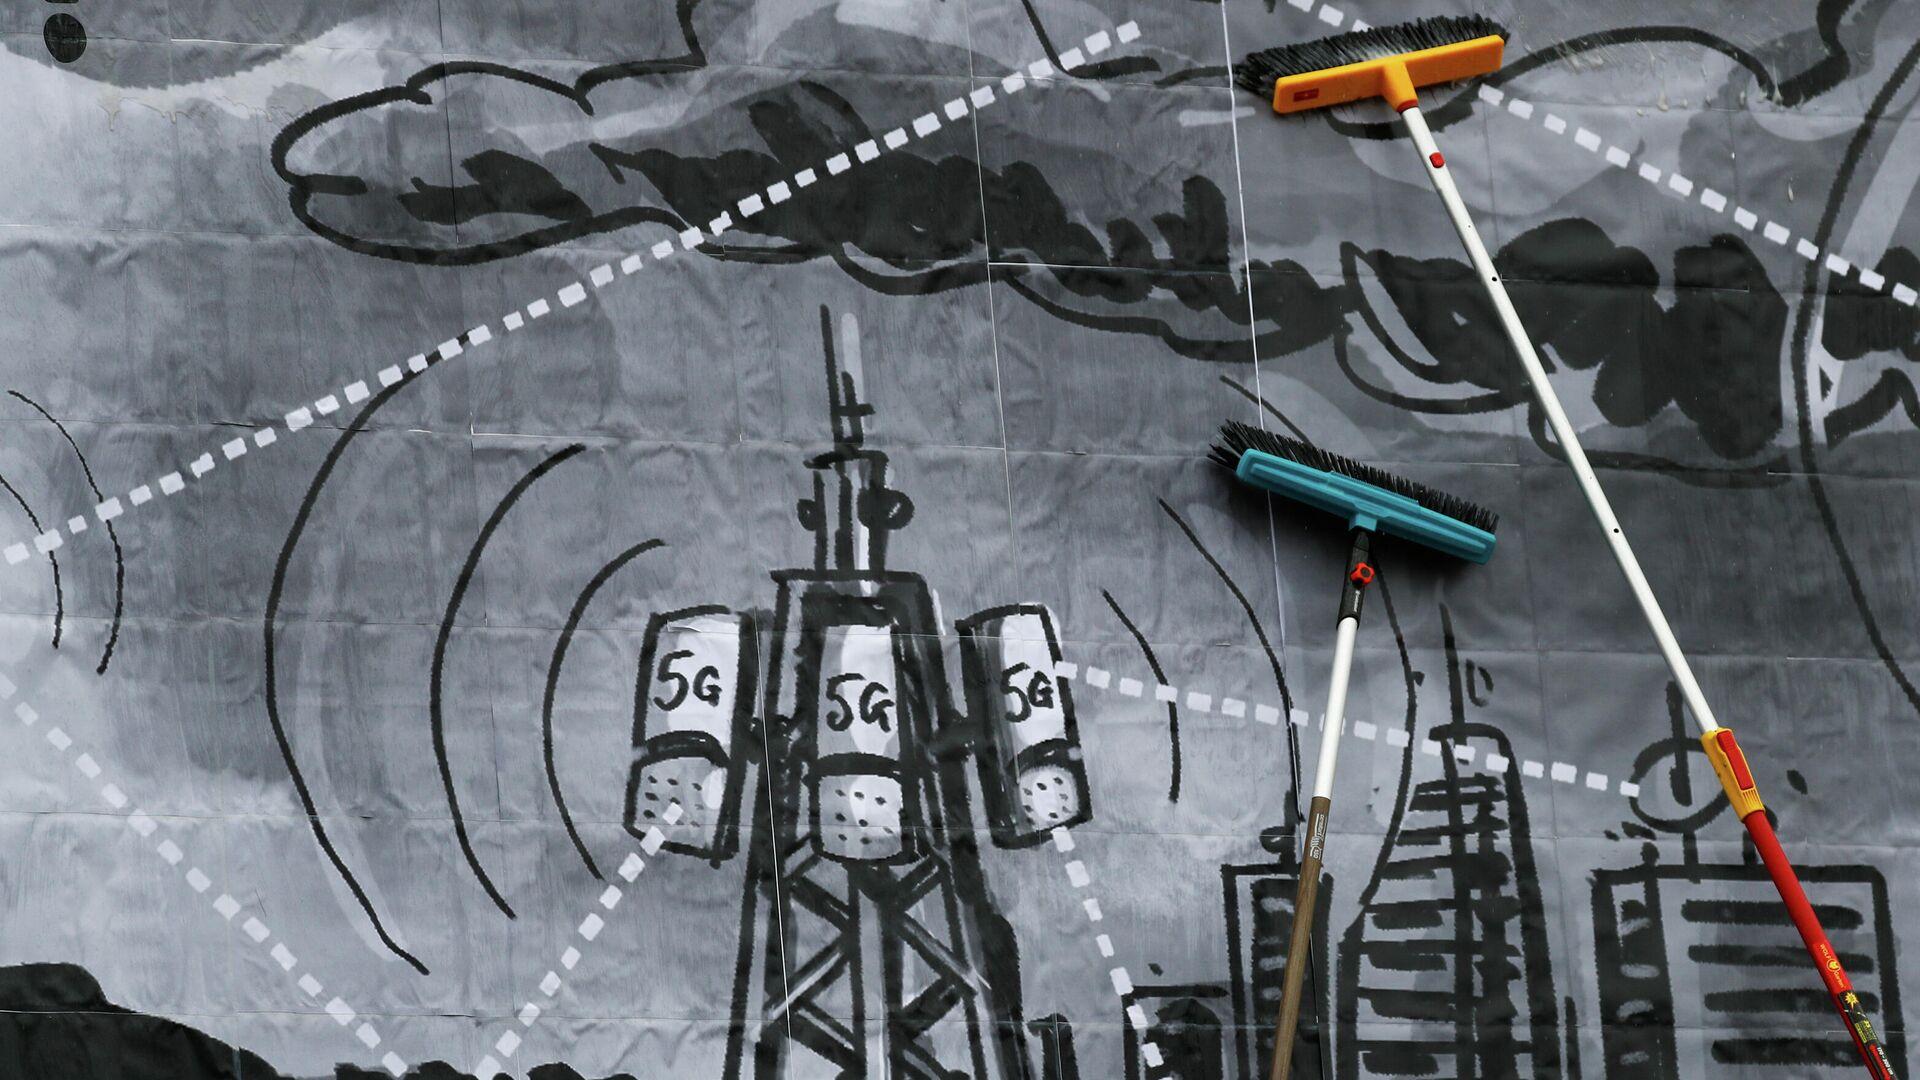 Установка баннера против распространения технологий 5G - РИА Новости, 1920, 08.06.2020